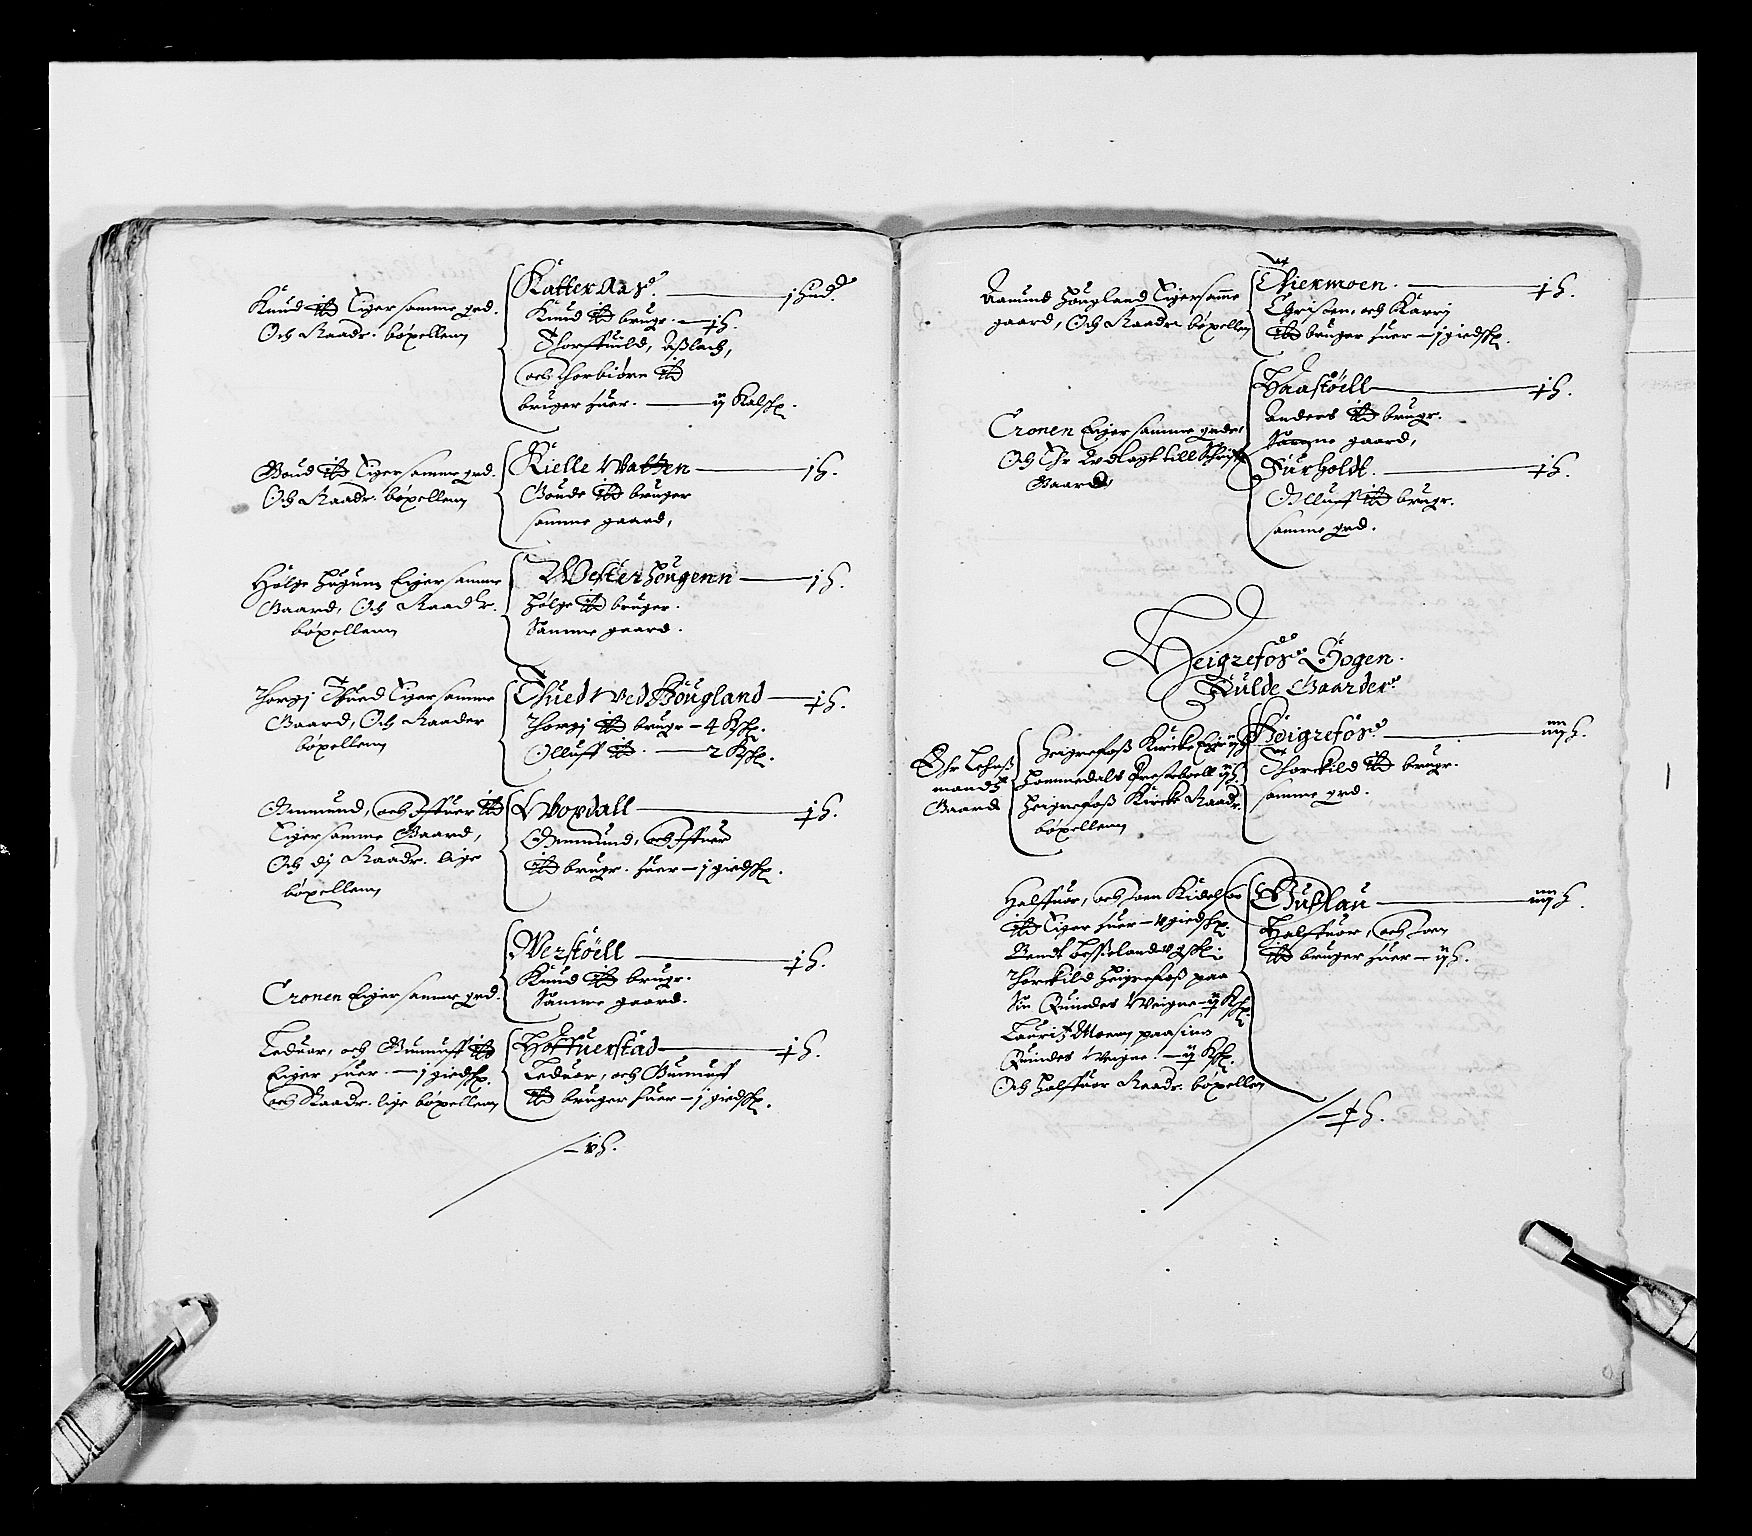 RA, Stattholderembetet 1572-1771, Ek/L0023: Jordebøker 1633-1658:, 1648-1649, s. 46